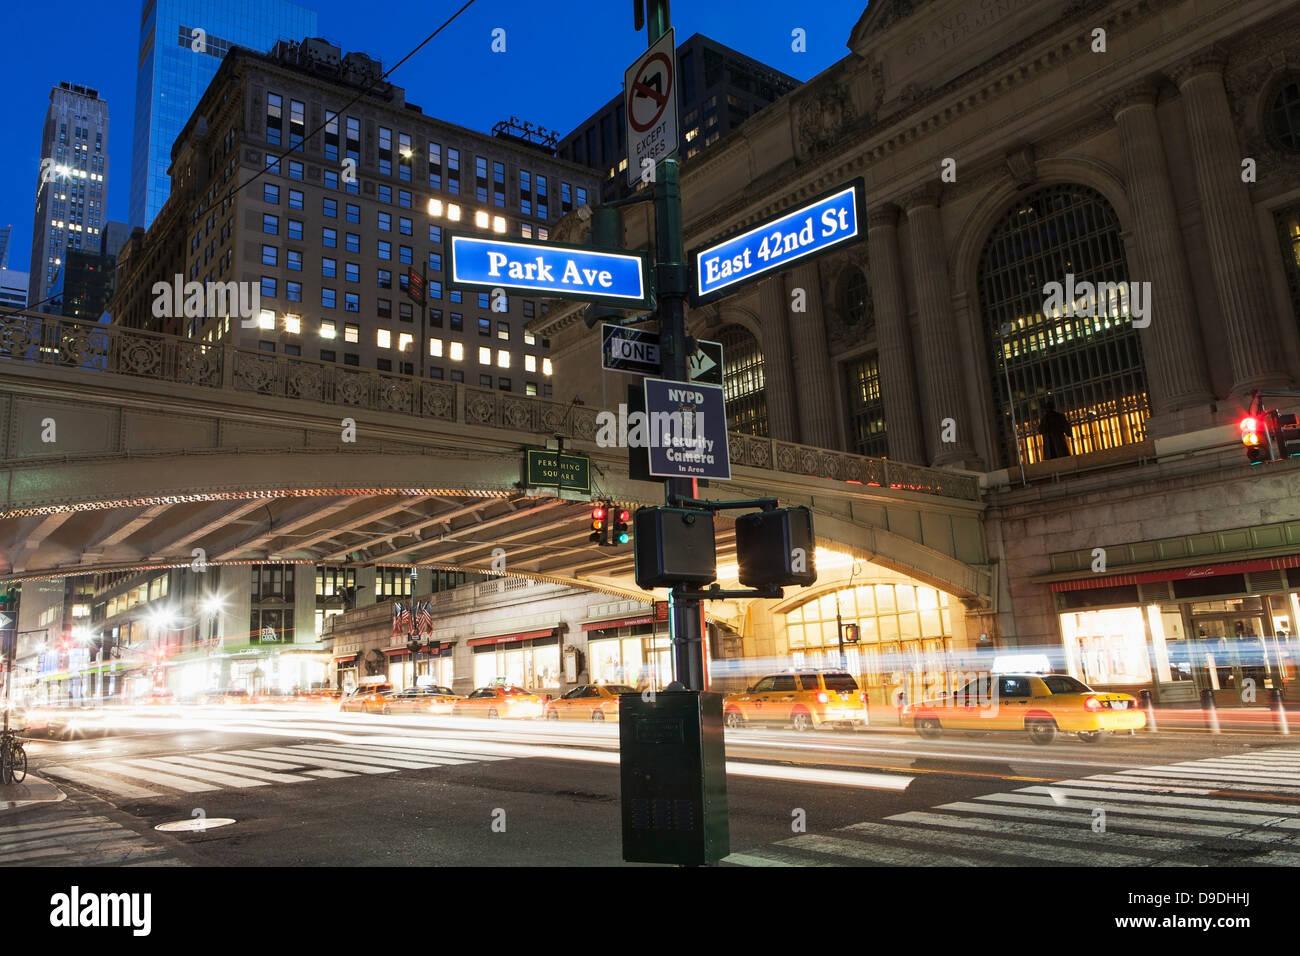 Les plaques de rue à l'extérieur de la gare Grand Central Station, New York City, USA Banque D'Images